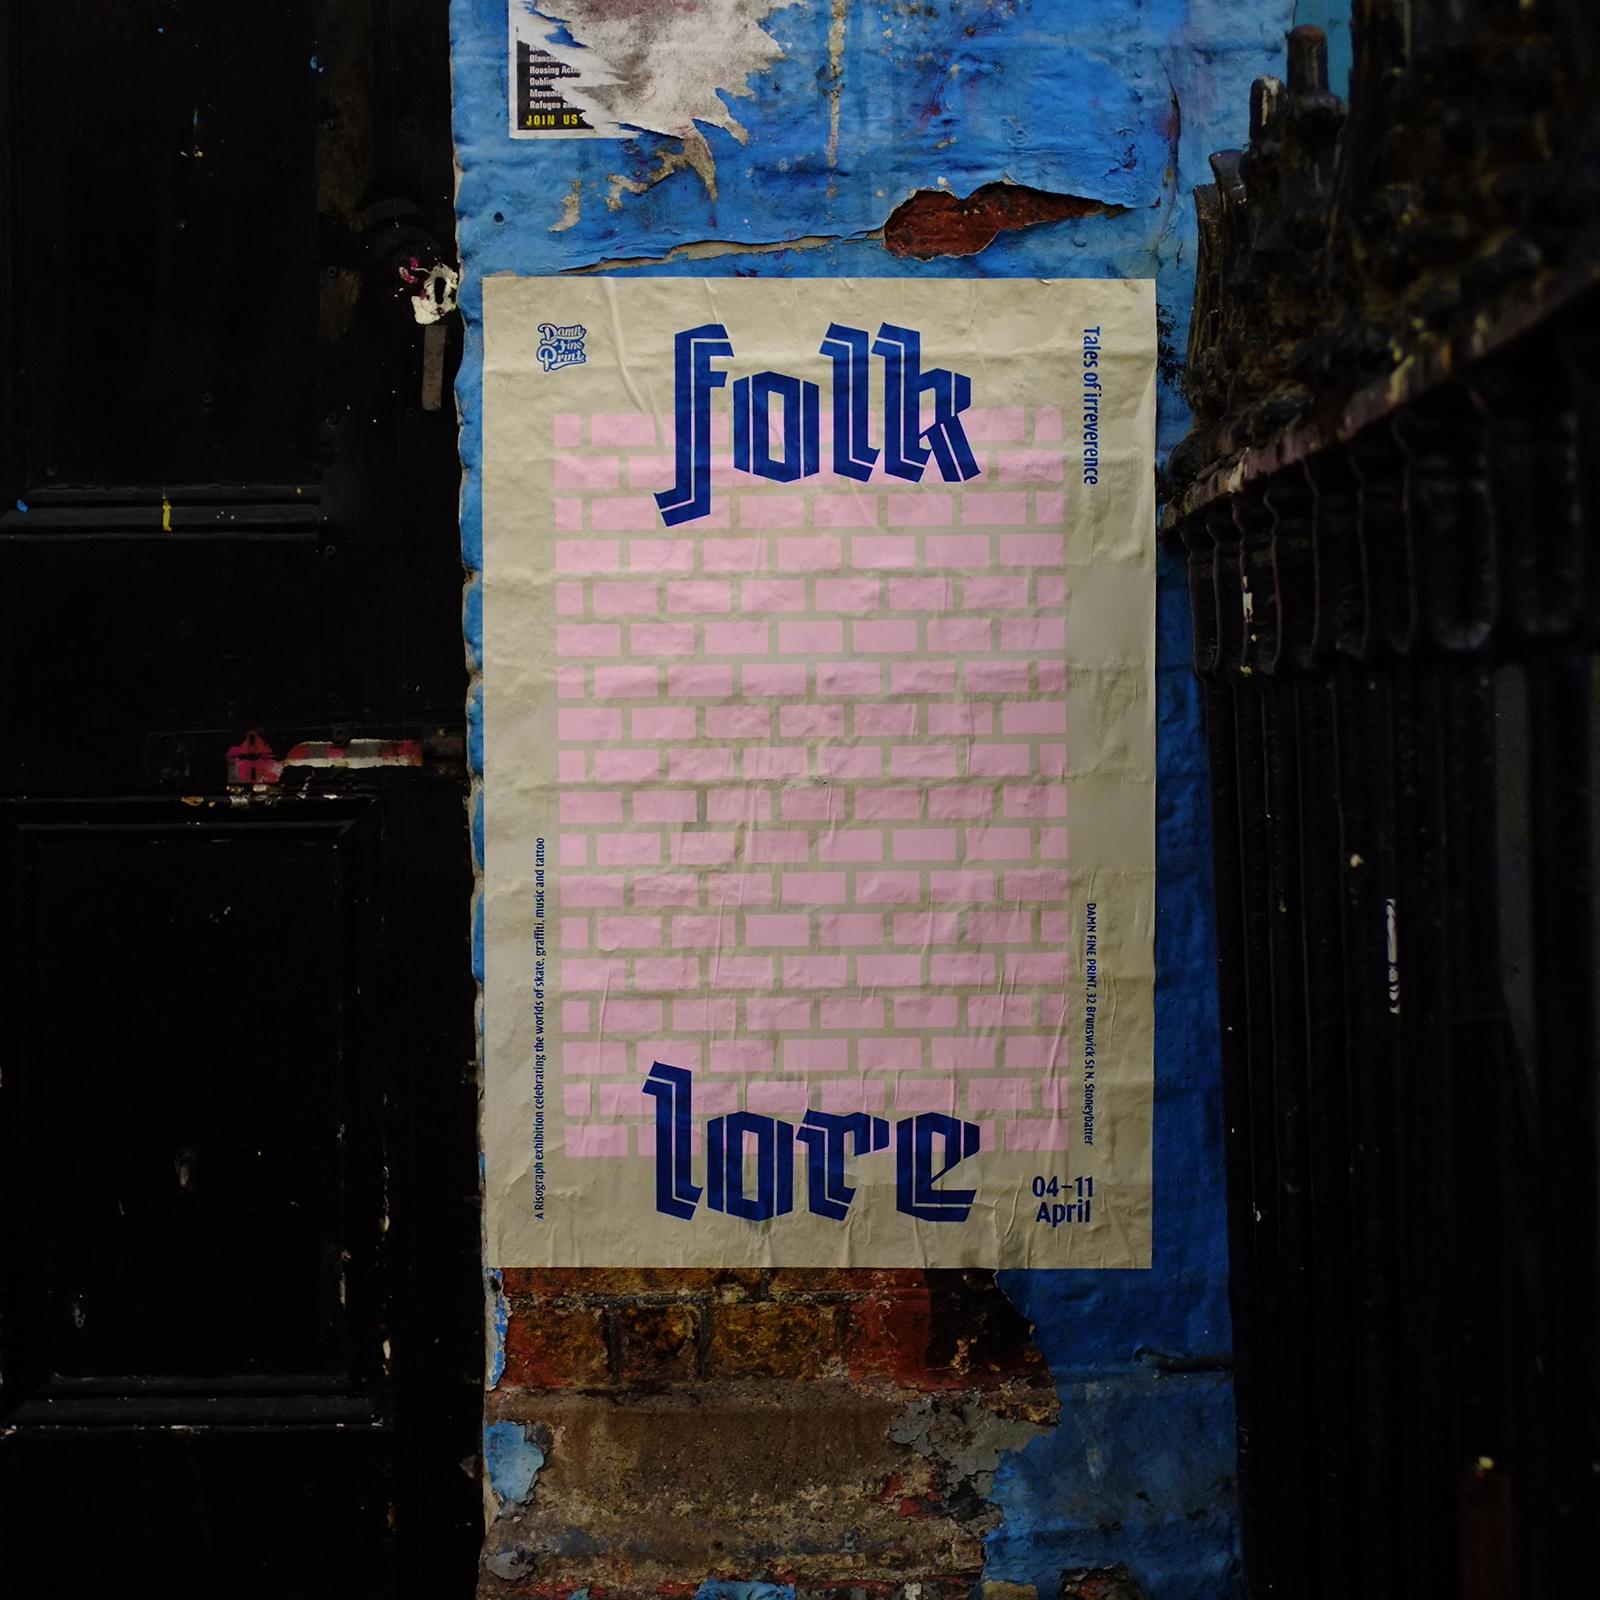 thursday_april_4th_br_folklore_exhibition